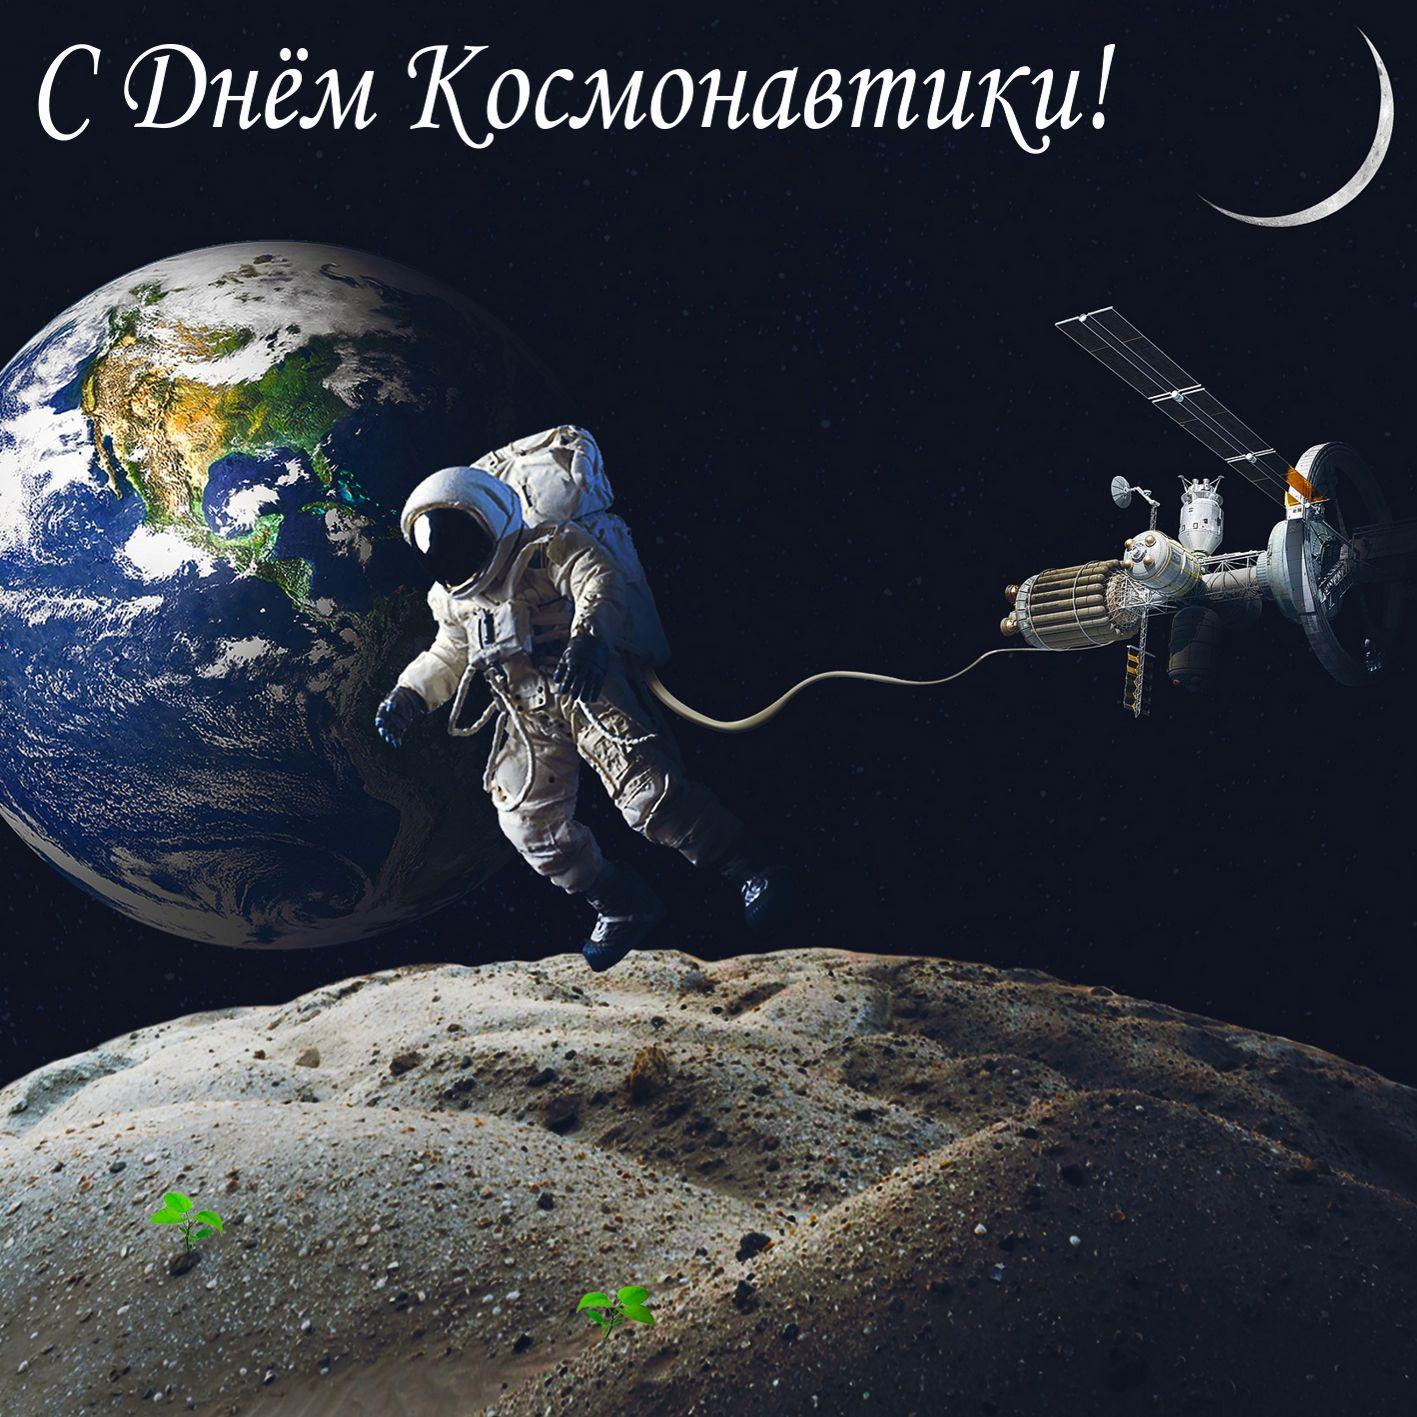 Открытка с космонавтом на фоне Земли